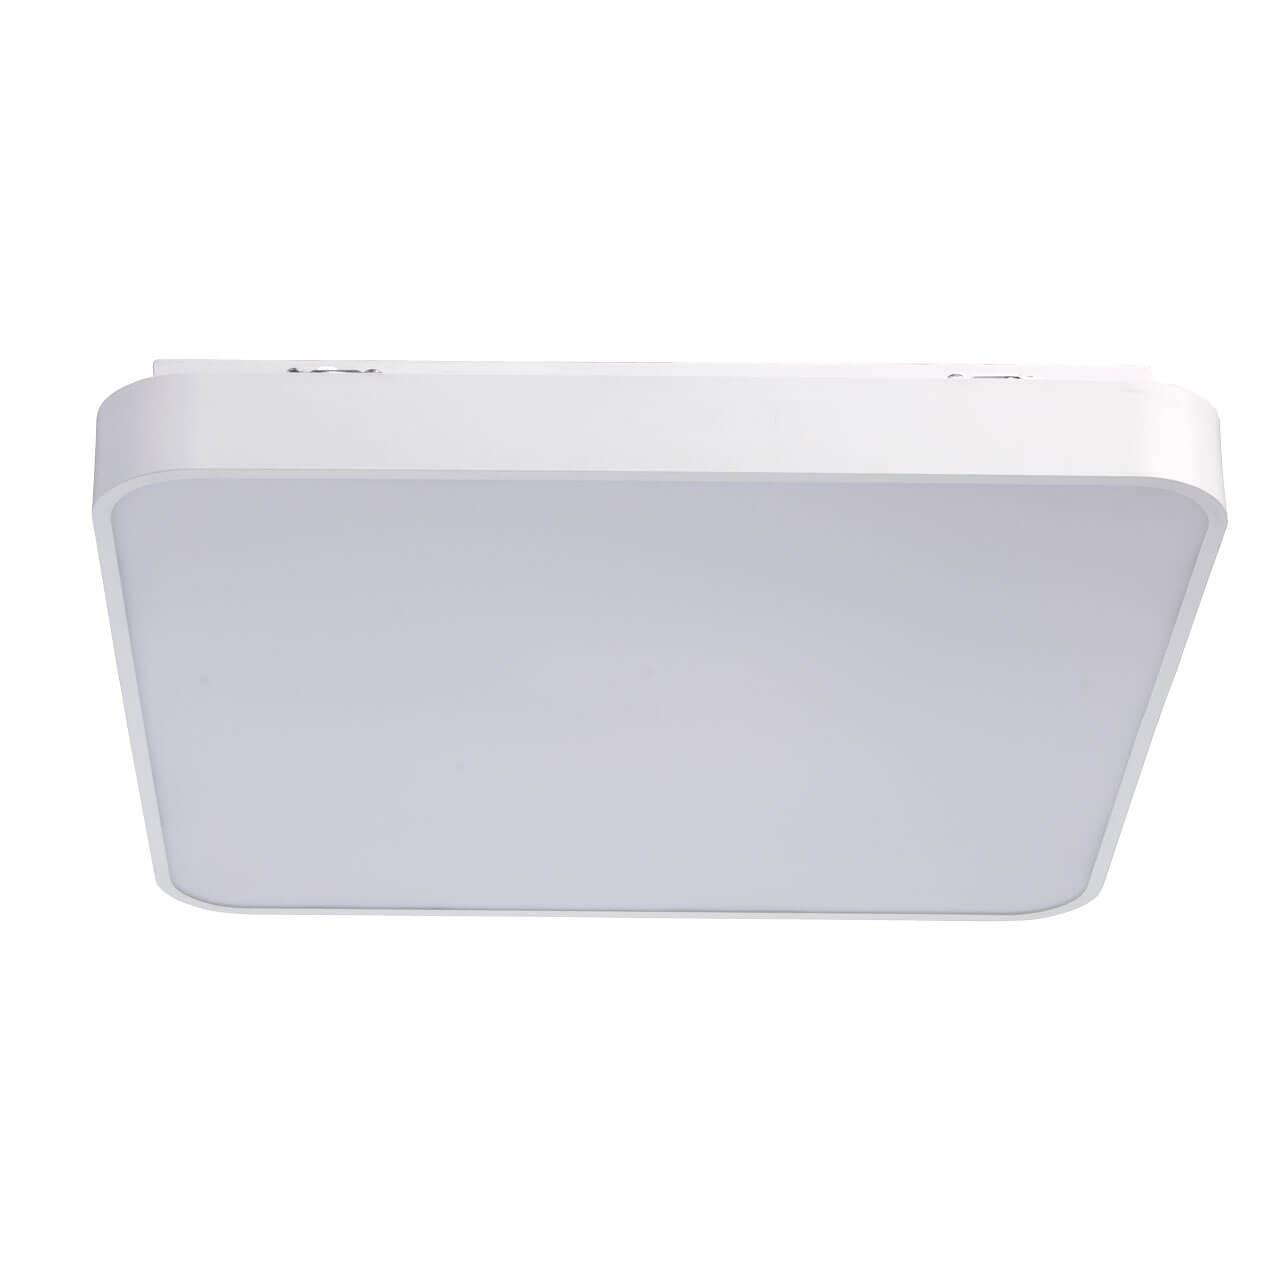 Потолочный светильник MW-Light 674013001, LED, 60 Вт потолочный светодиодный светильник de markt ривз 674012101